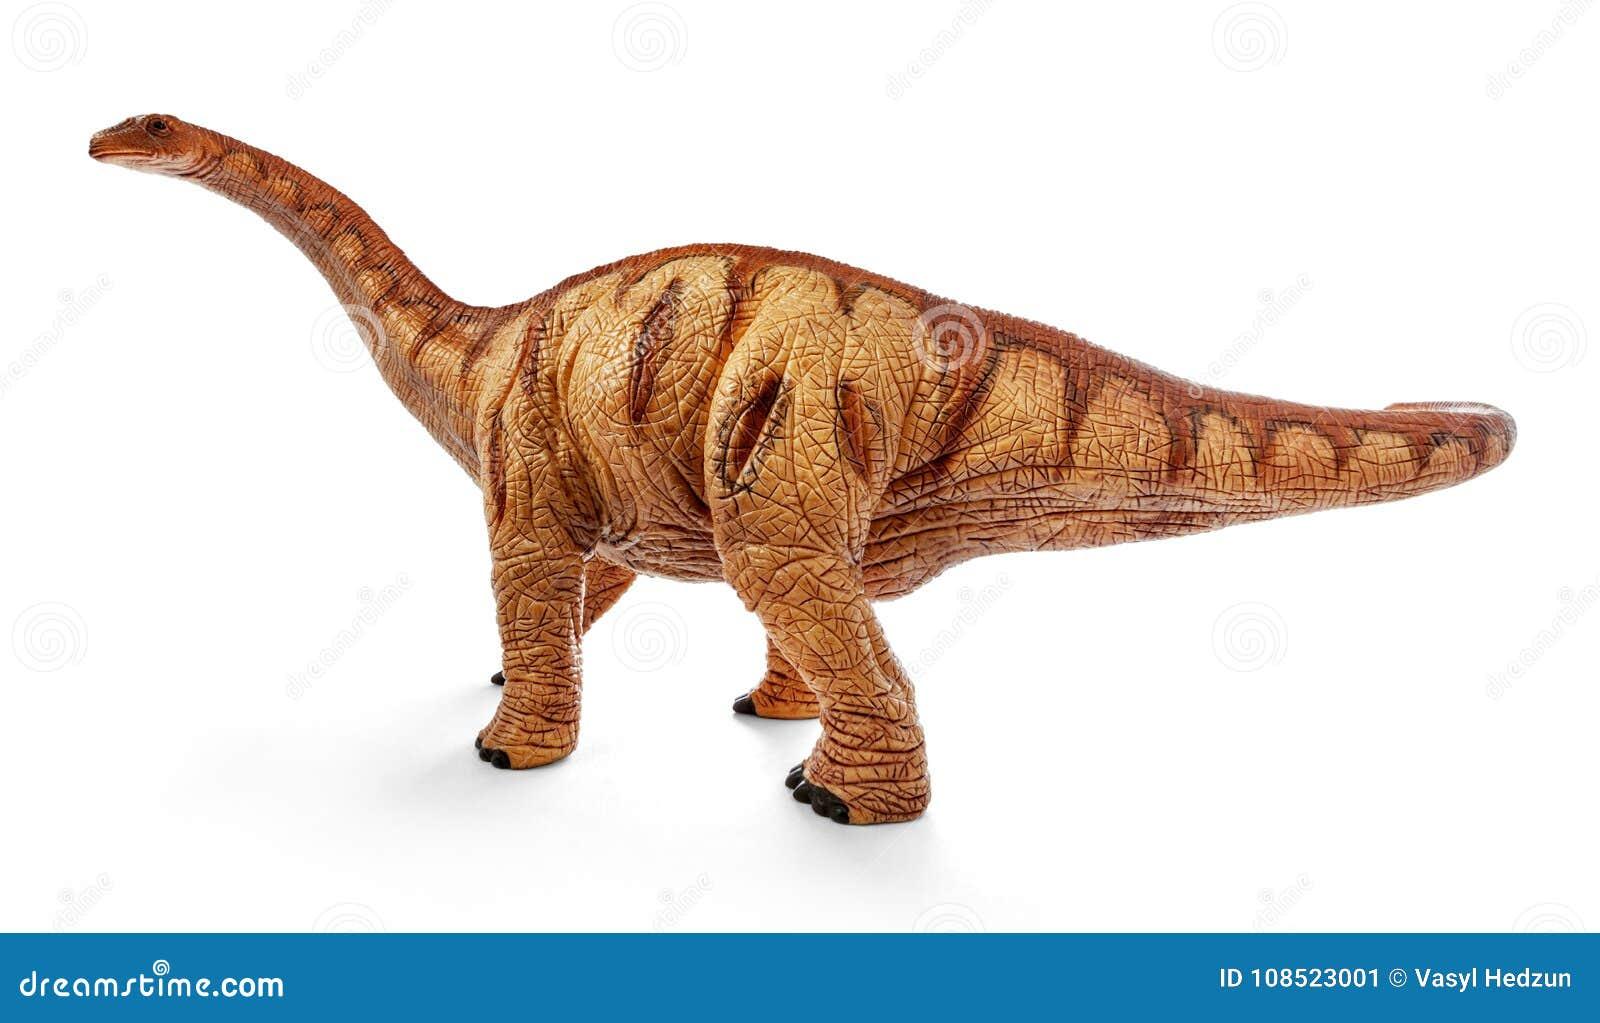 comp 雷龙属恐龙在与裁减路线的白色背景戏弄隔绝 晚罗纪 照片拍摄图片